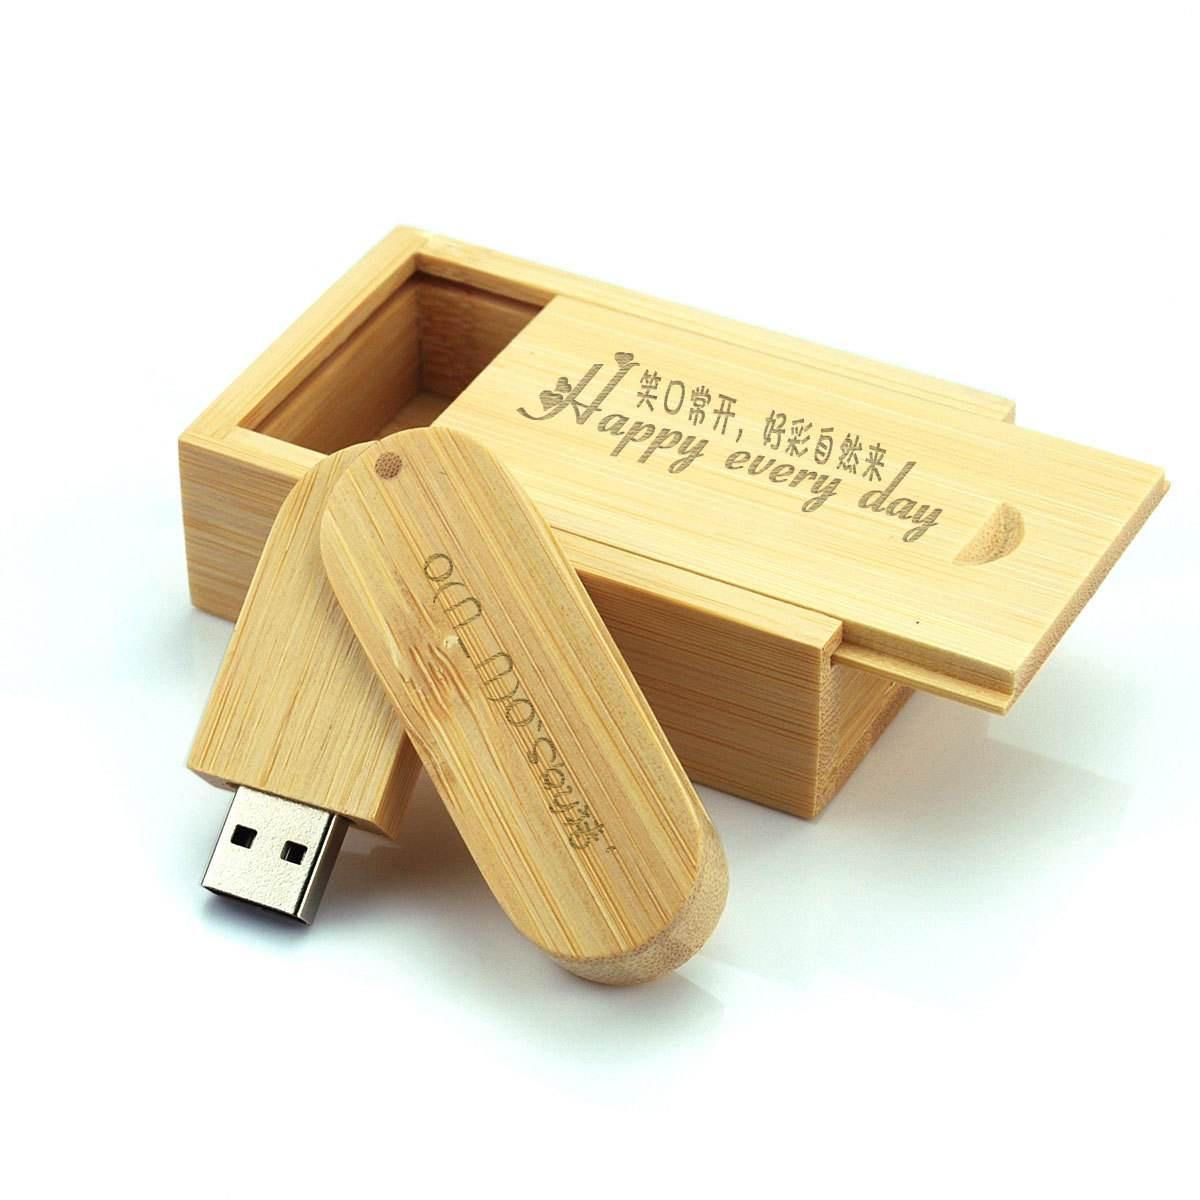 下載用于USB閃存驅動器主頁的USB啟動盤創建工具的官方版本v1.5的最新版本